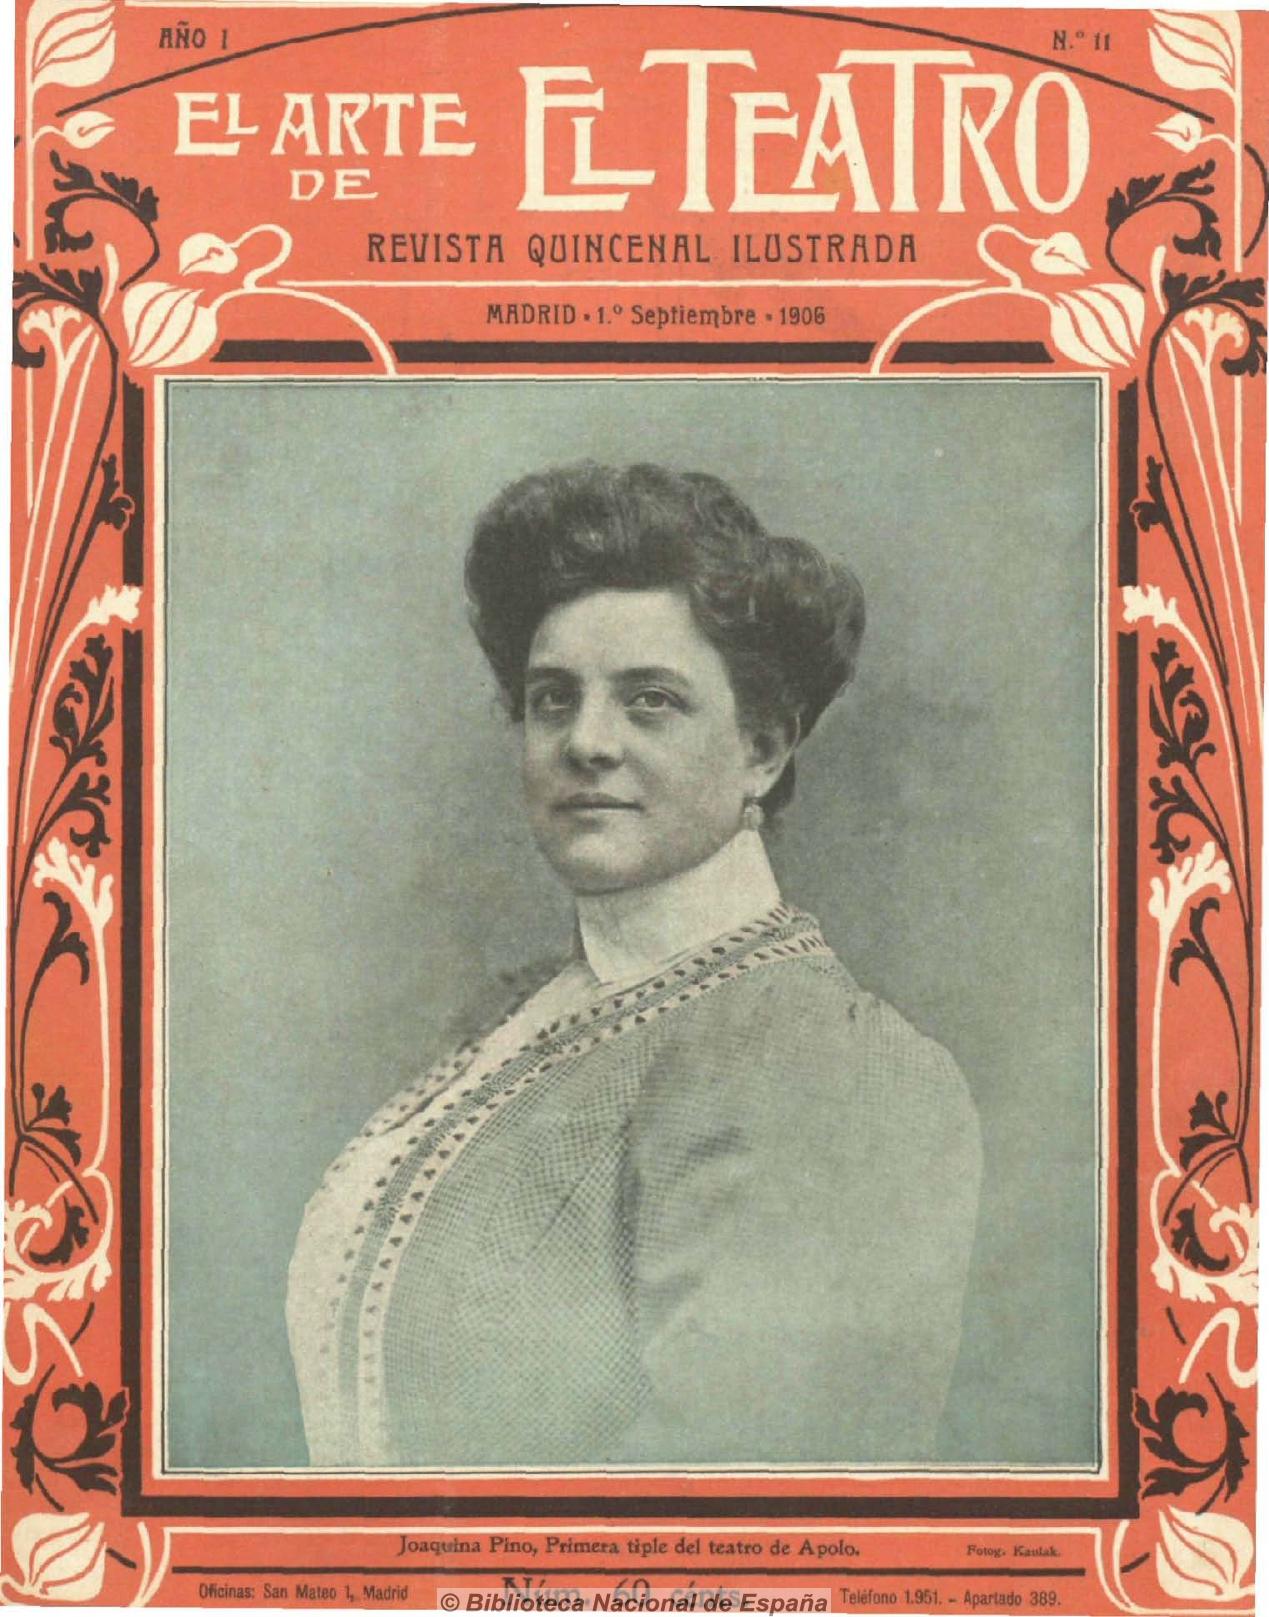 Joaquina Pino